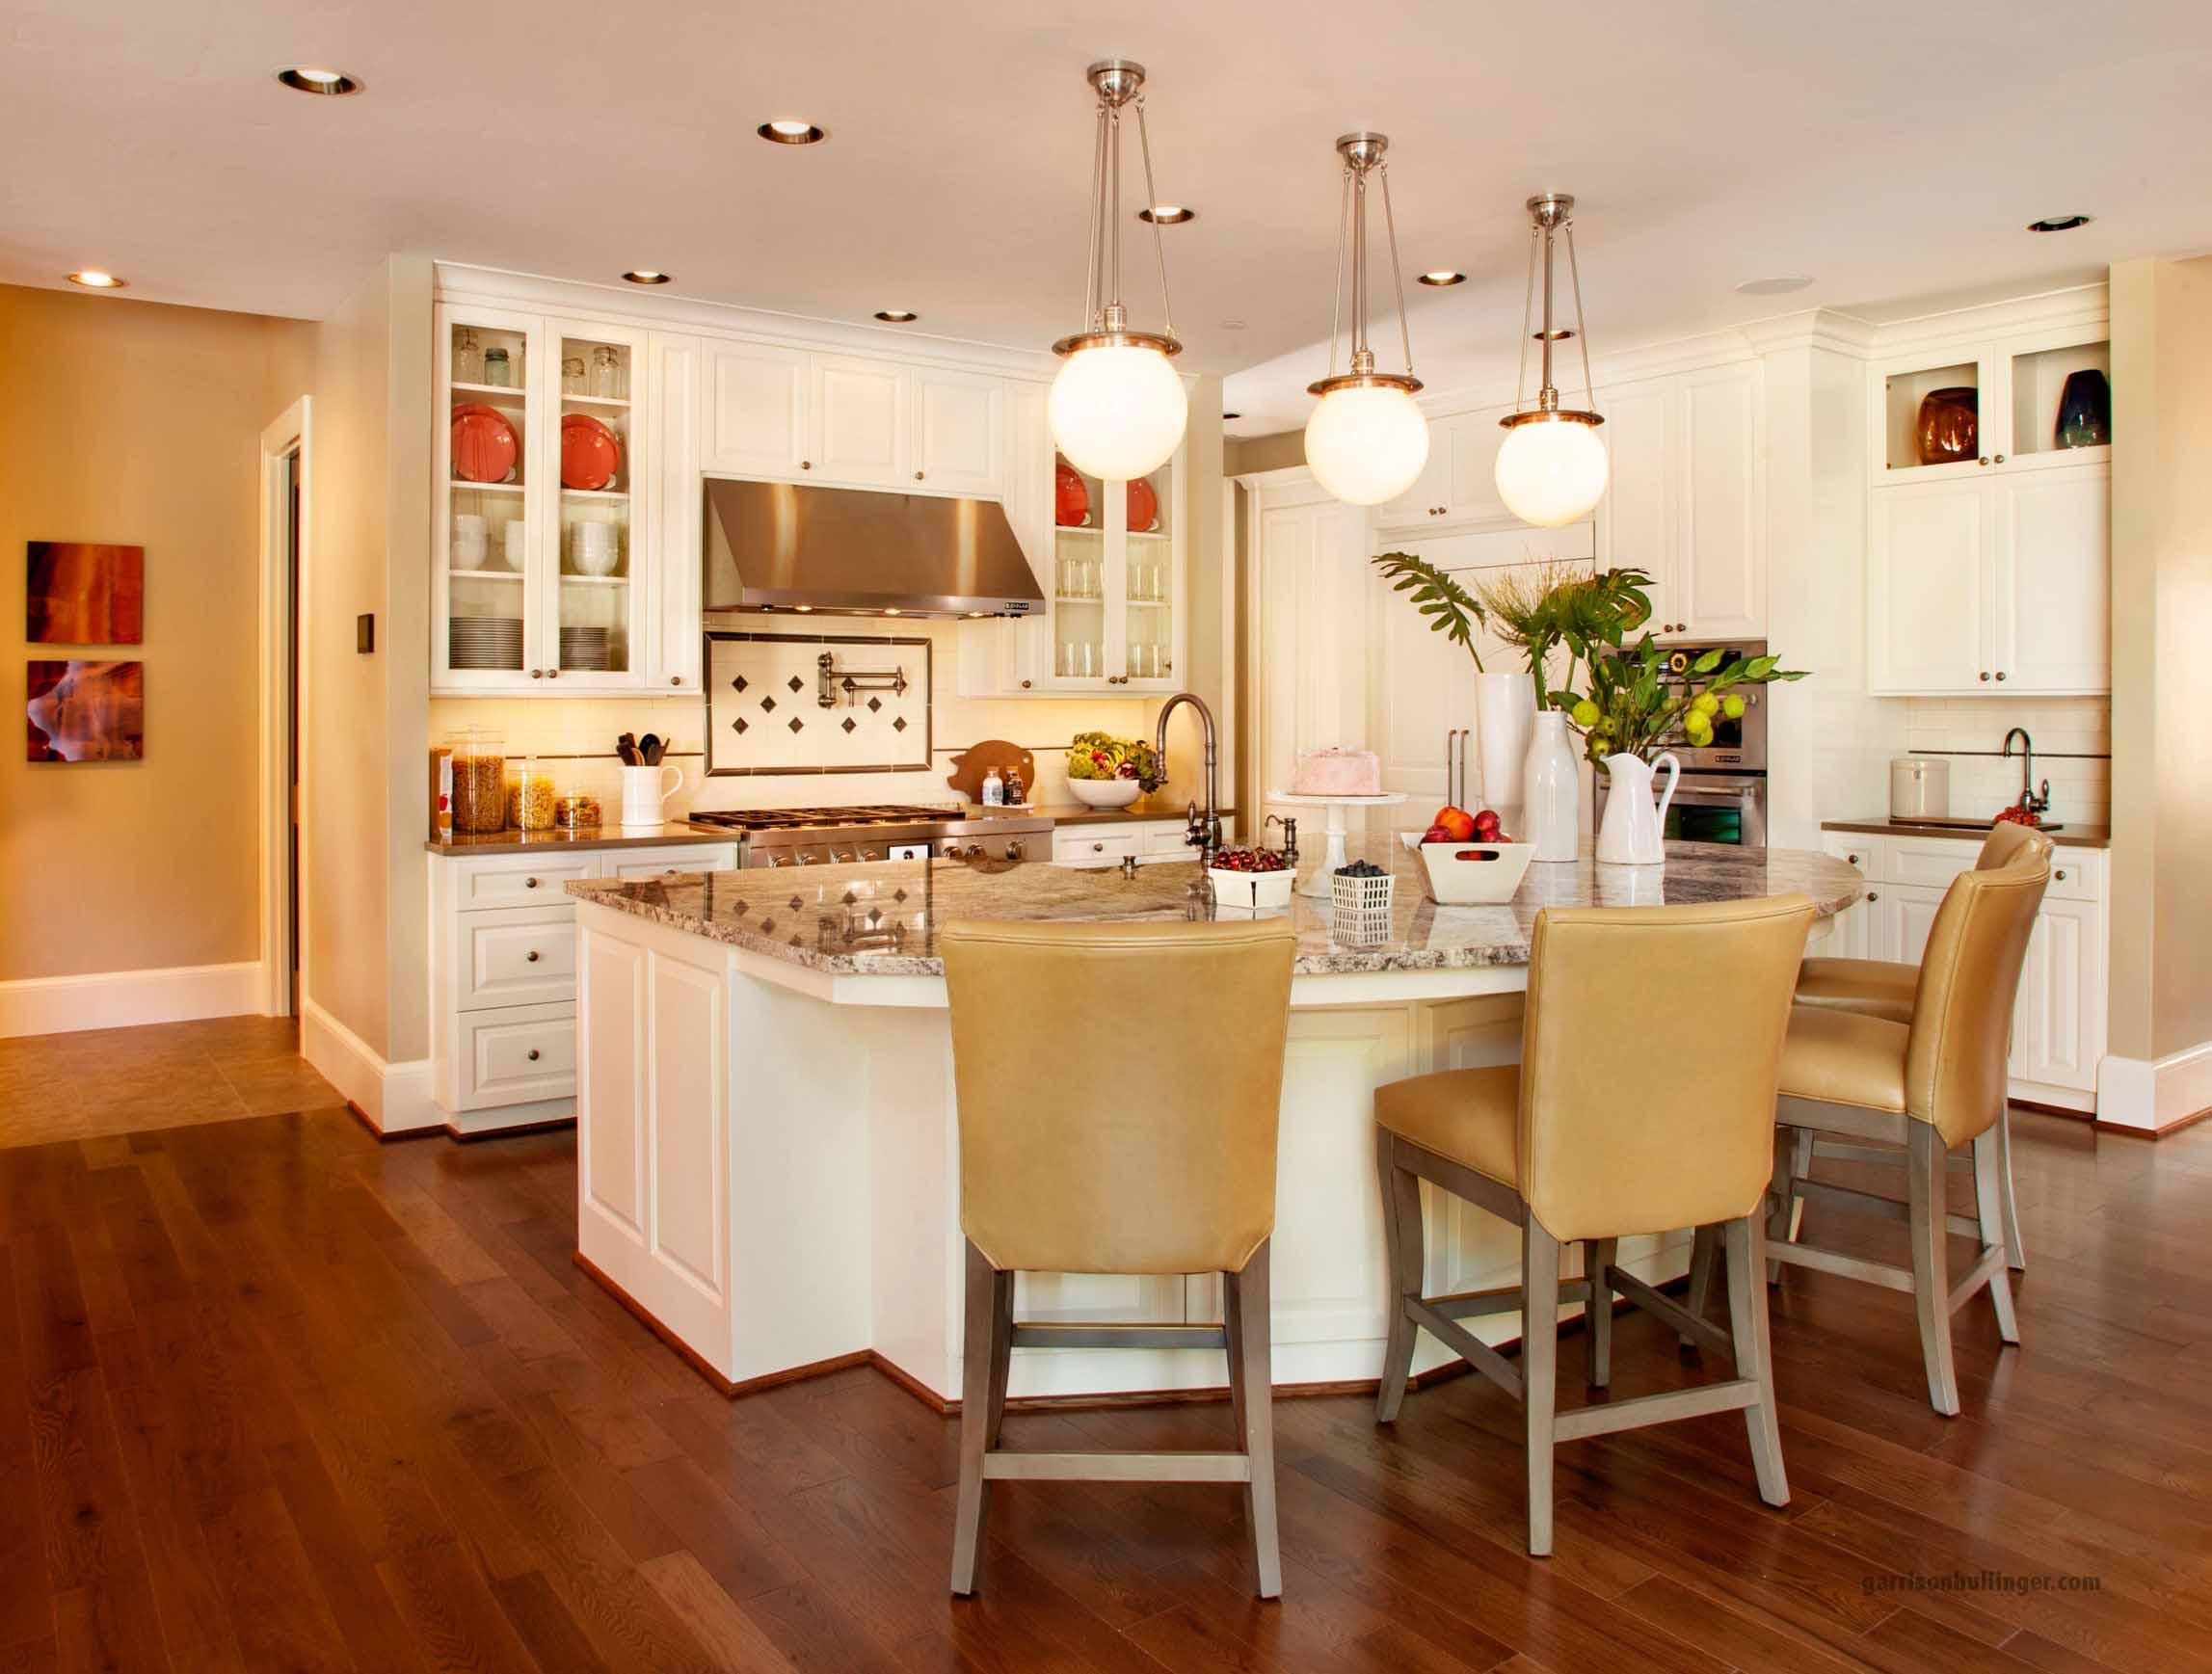 Kitchen Island inspiration, Kitchen countertop surfaces, best kitchen counter materials